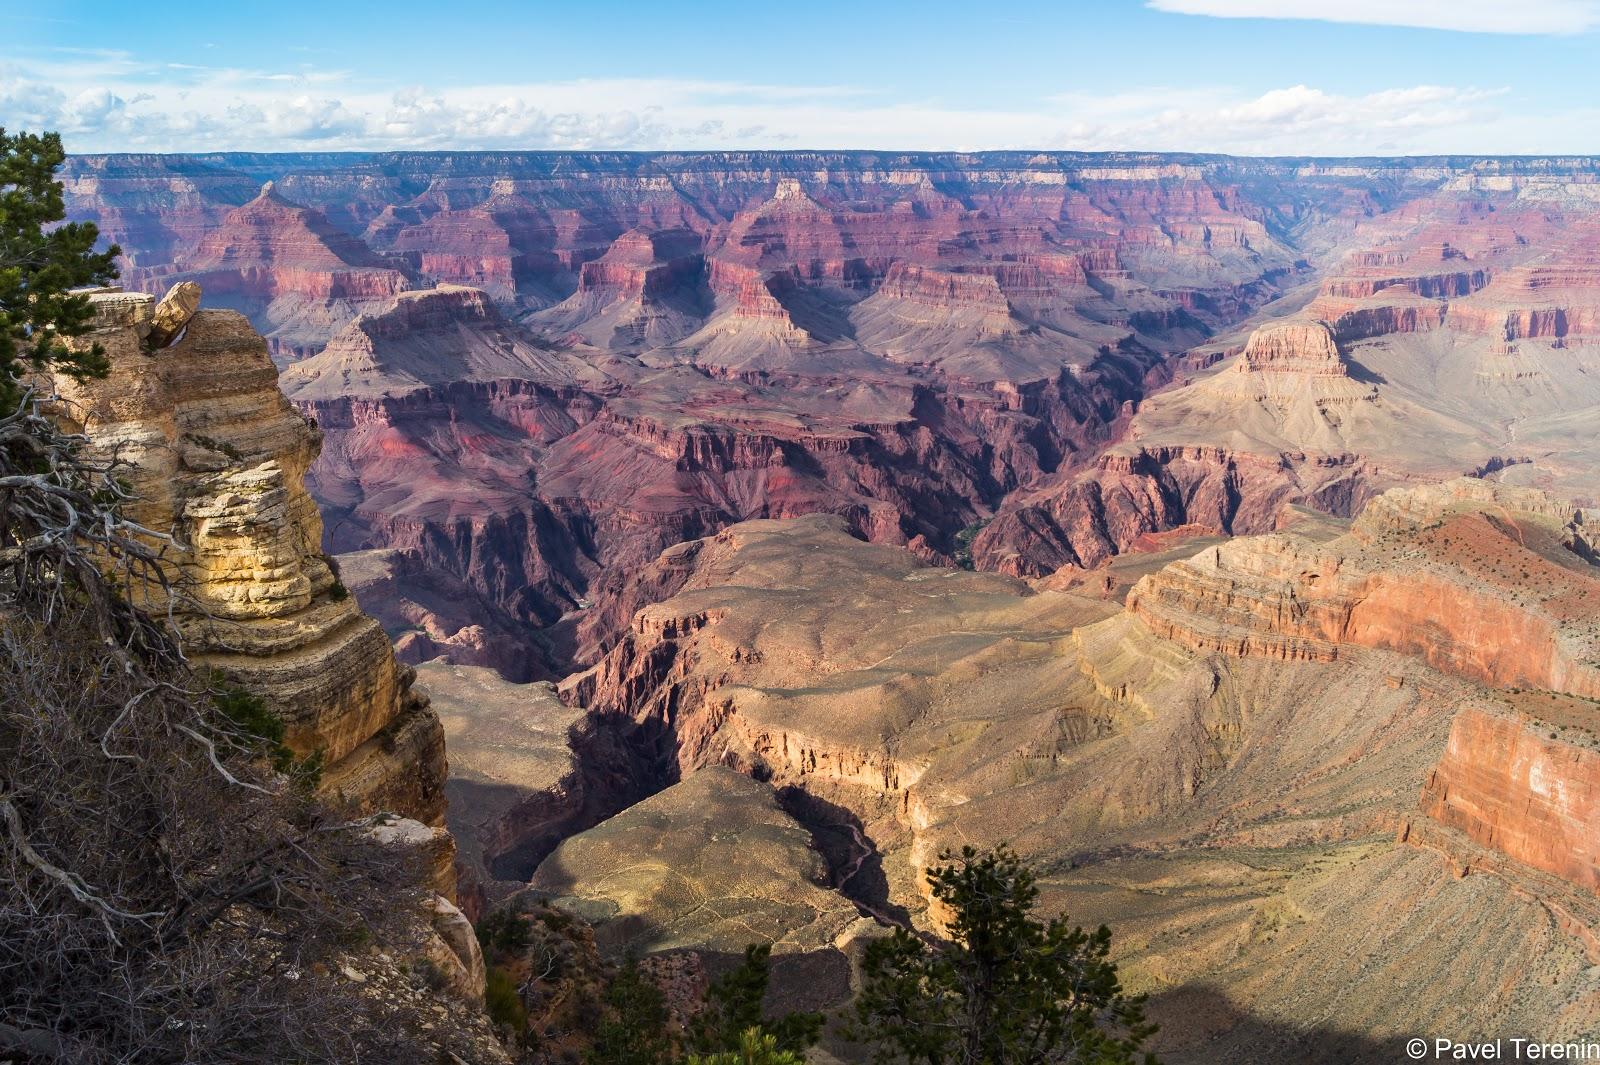 Самый крупный Каньон в мире имеет длину около 450 км, глубину - 1800 метров и ширину от края до края - до 30 км